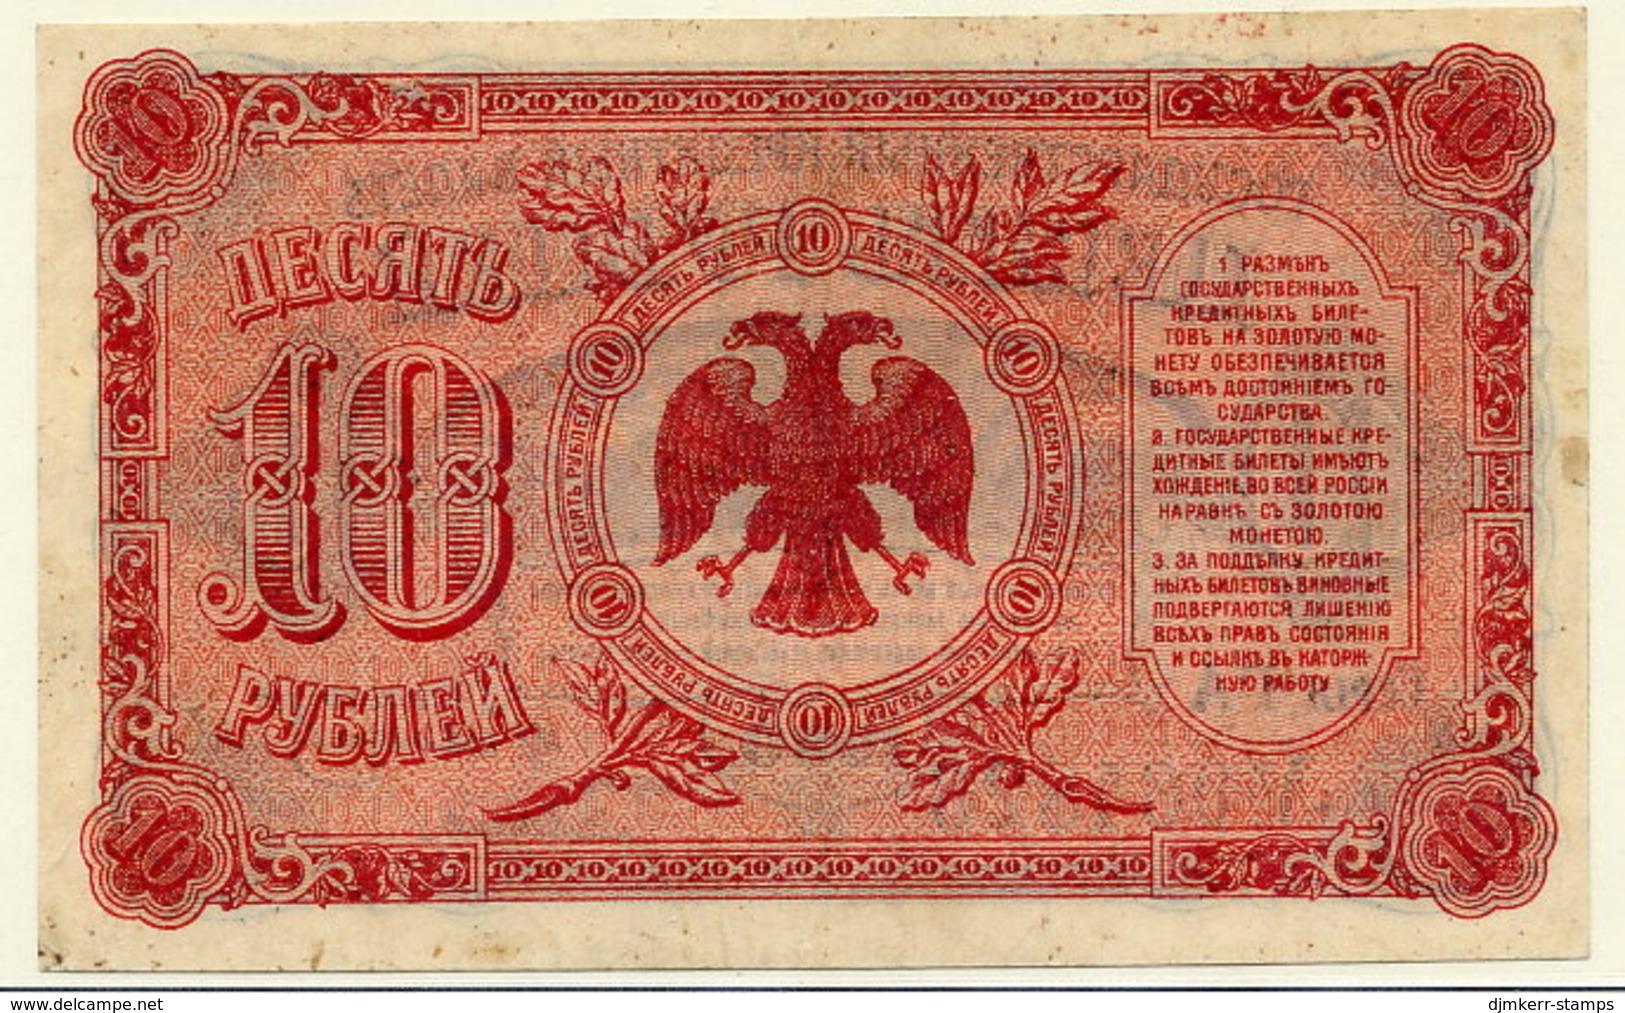 EAST SIBERIA (Priamur Provisional Government) 1920 10 Rub.  UNC S1247 - Russia